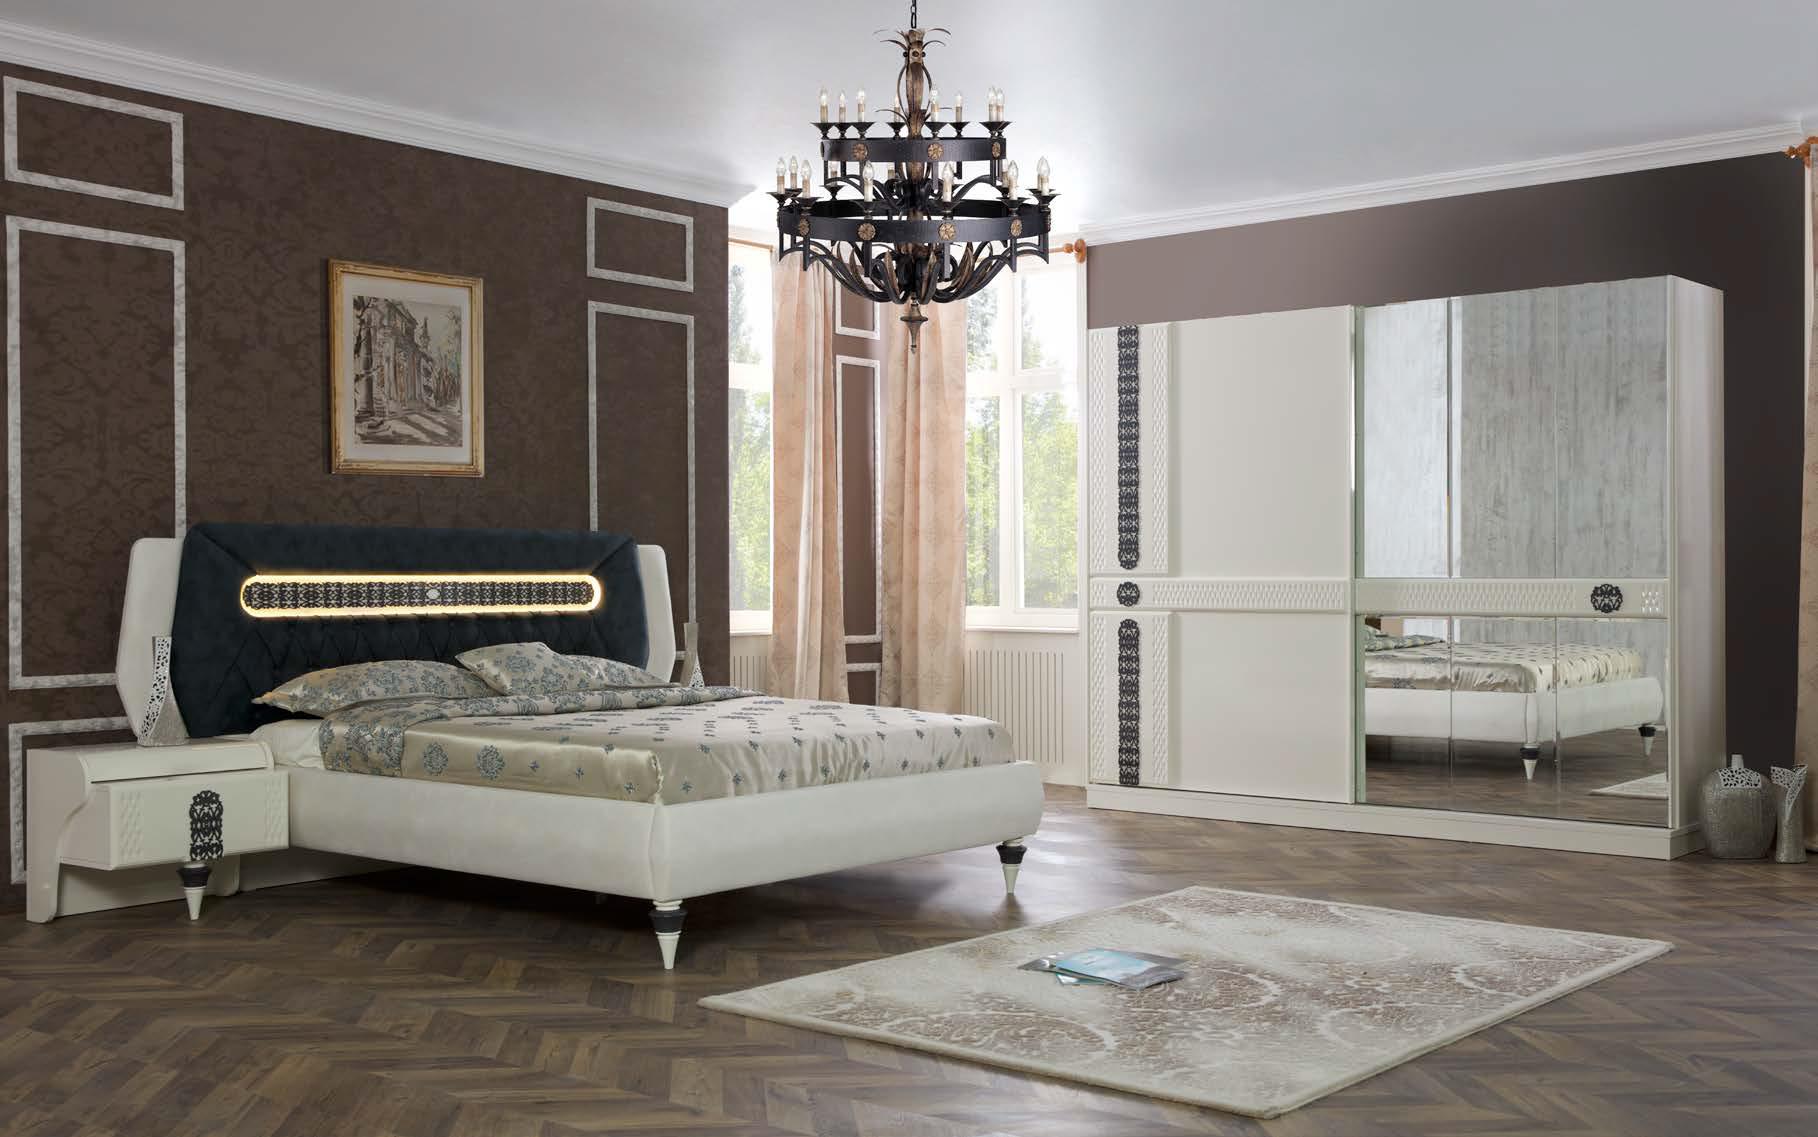 quattro schlafzimmer yuvam m belhaus in wuppertal. Black Bedroom Furniture Sets. Home Design Ideas